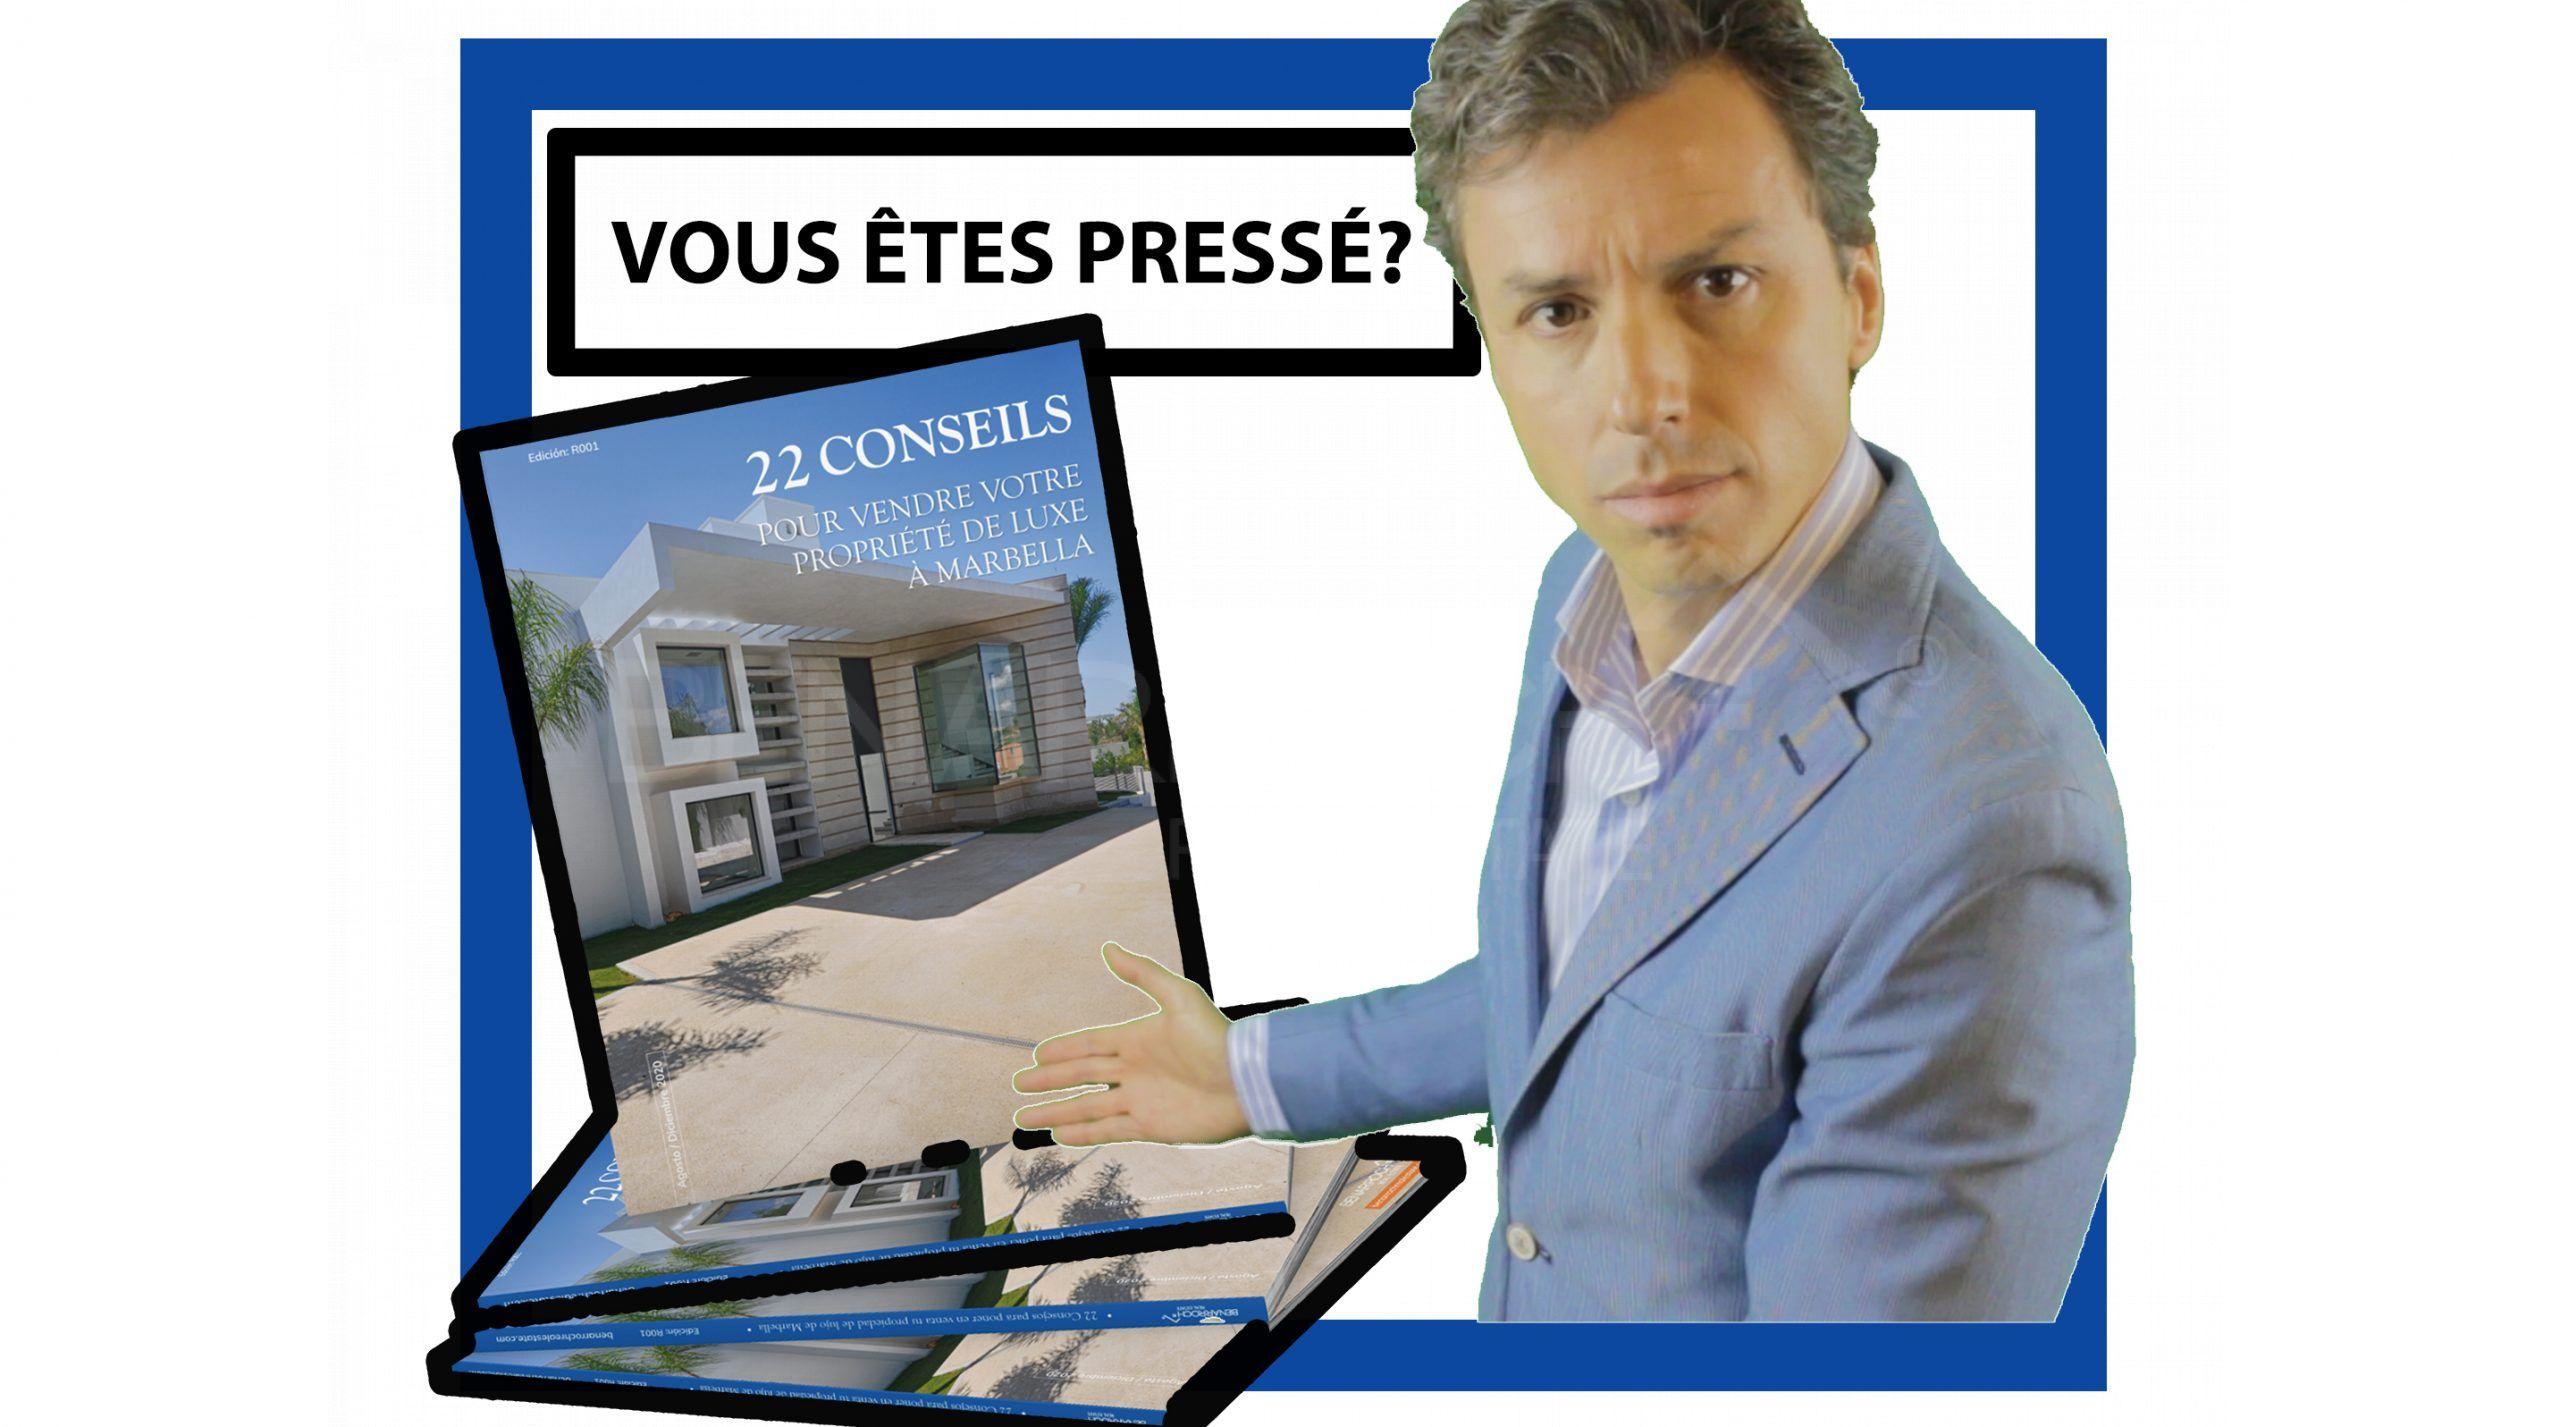 Guide pour vendre votre maison a marbella